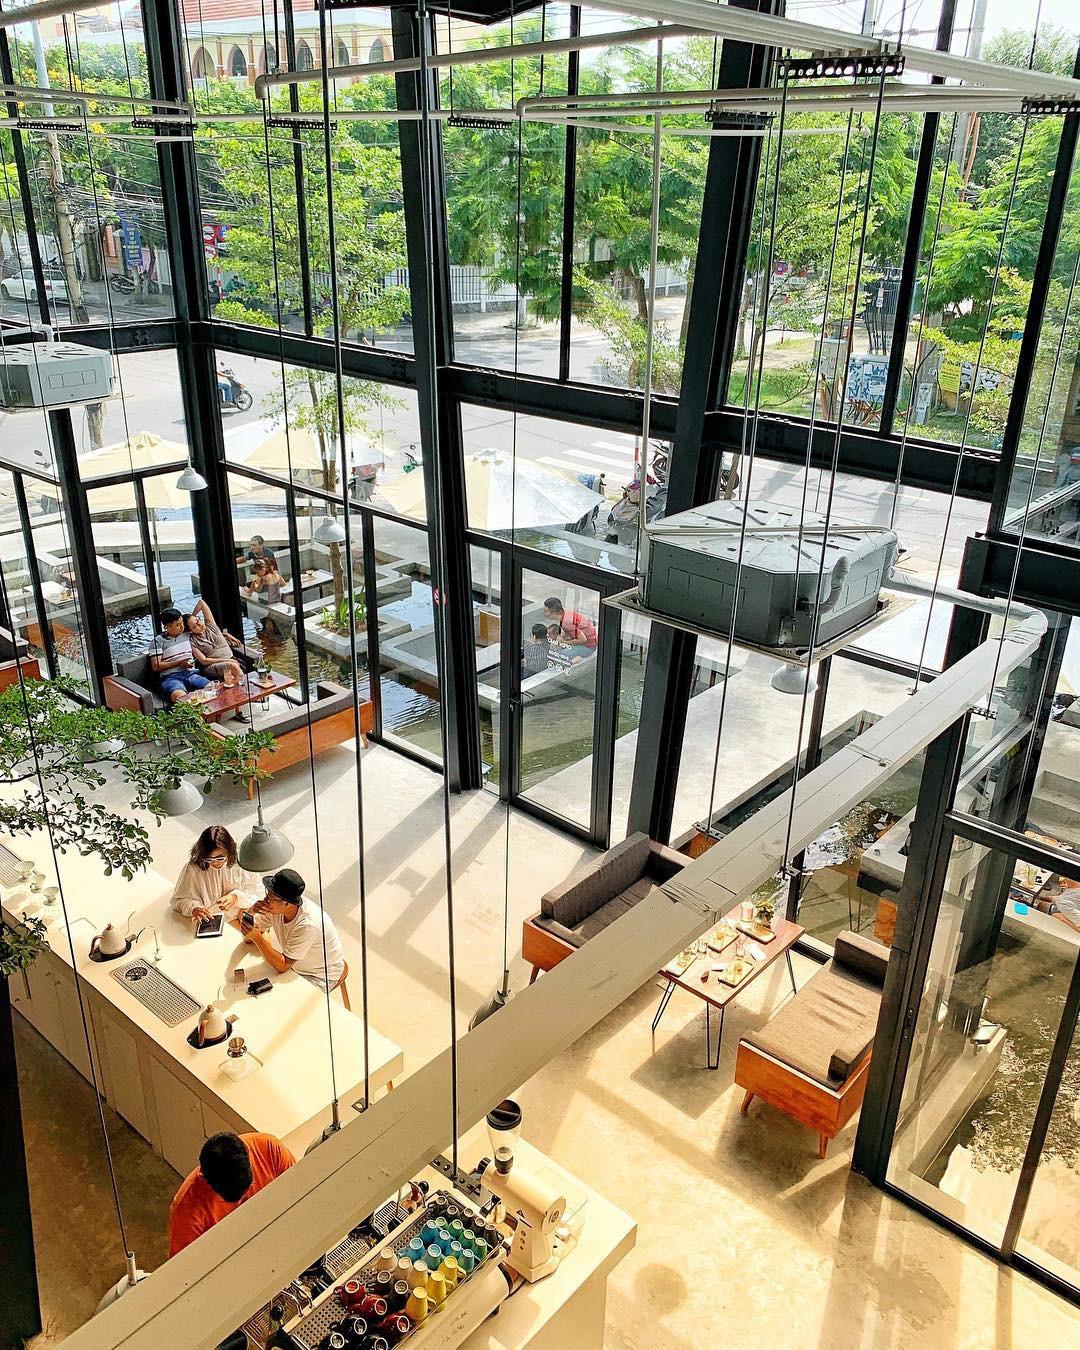 Những quán cà phê và khu tổ hợp xinh xắn khiến bạn muốn bất chấp book vé đi Đà Nẵng ngay - Hình 2